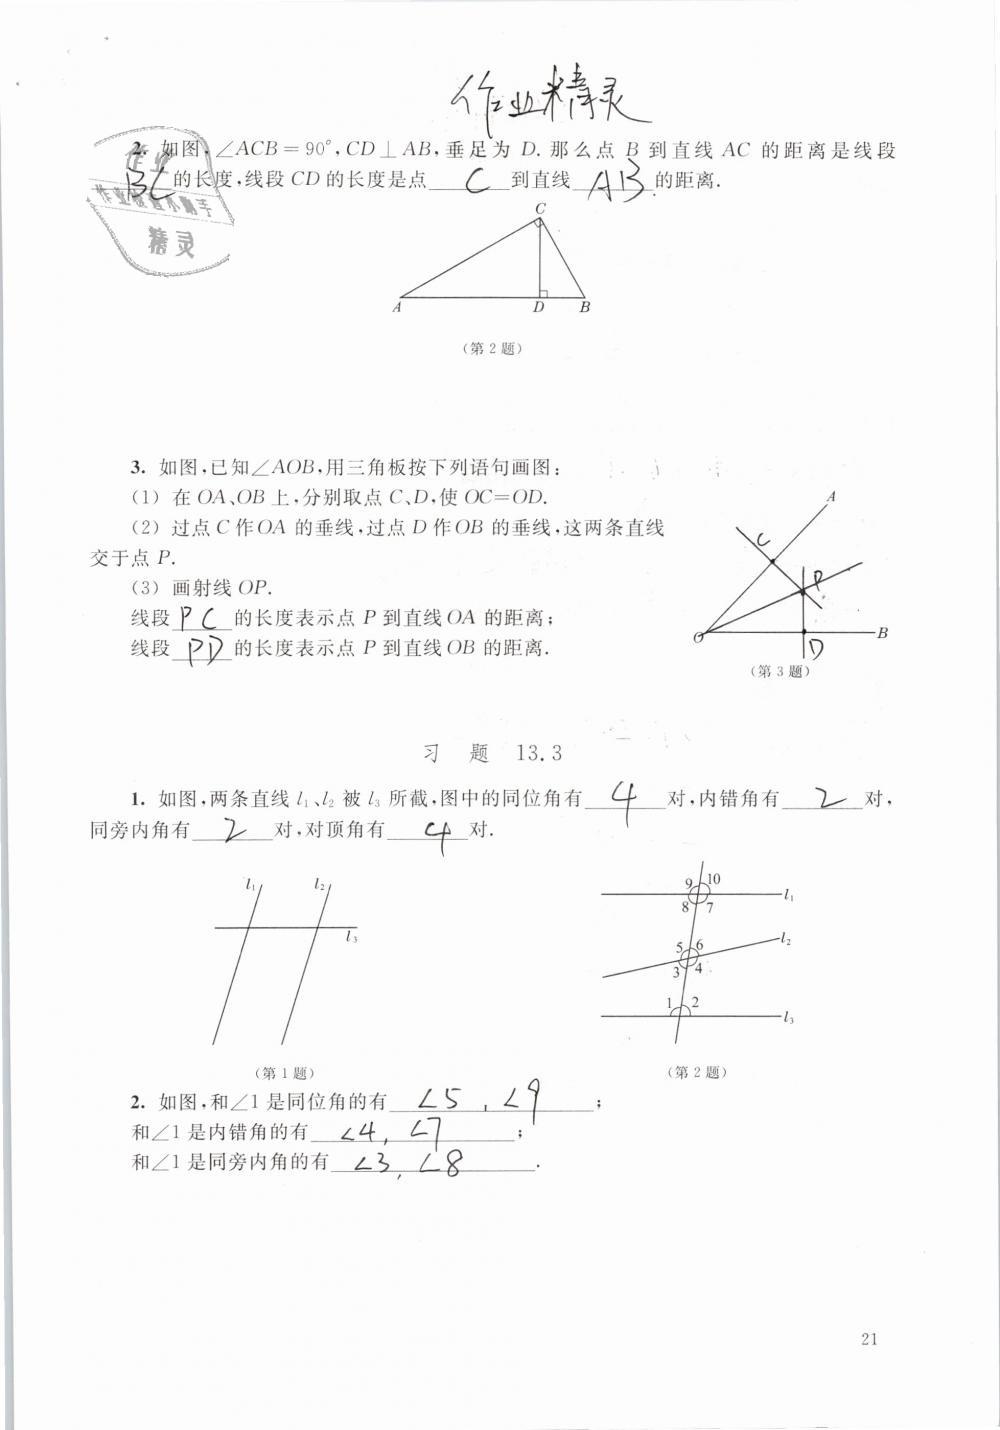 2019年数学练习部分七年级第二学期第21页